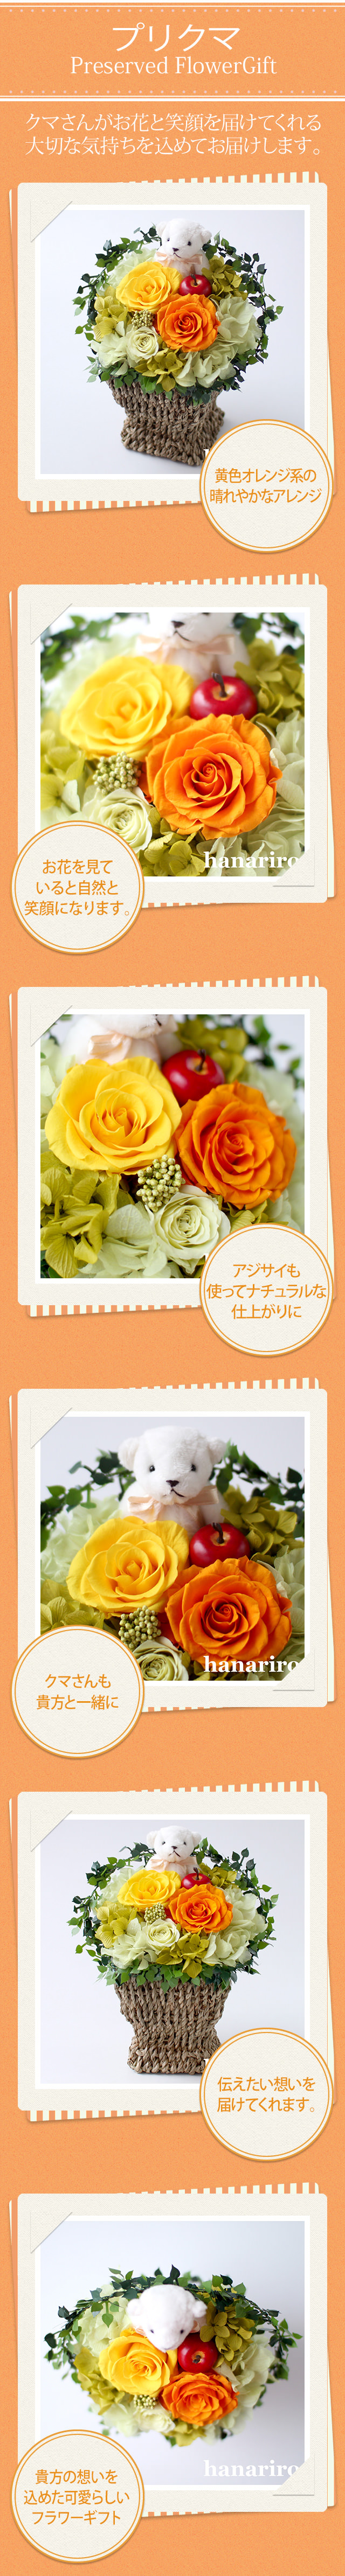 アレンジ「プリクマ」/プリザーブドフラワーギフト